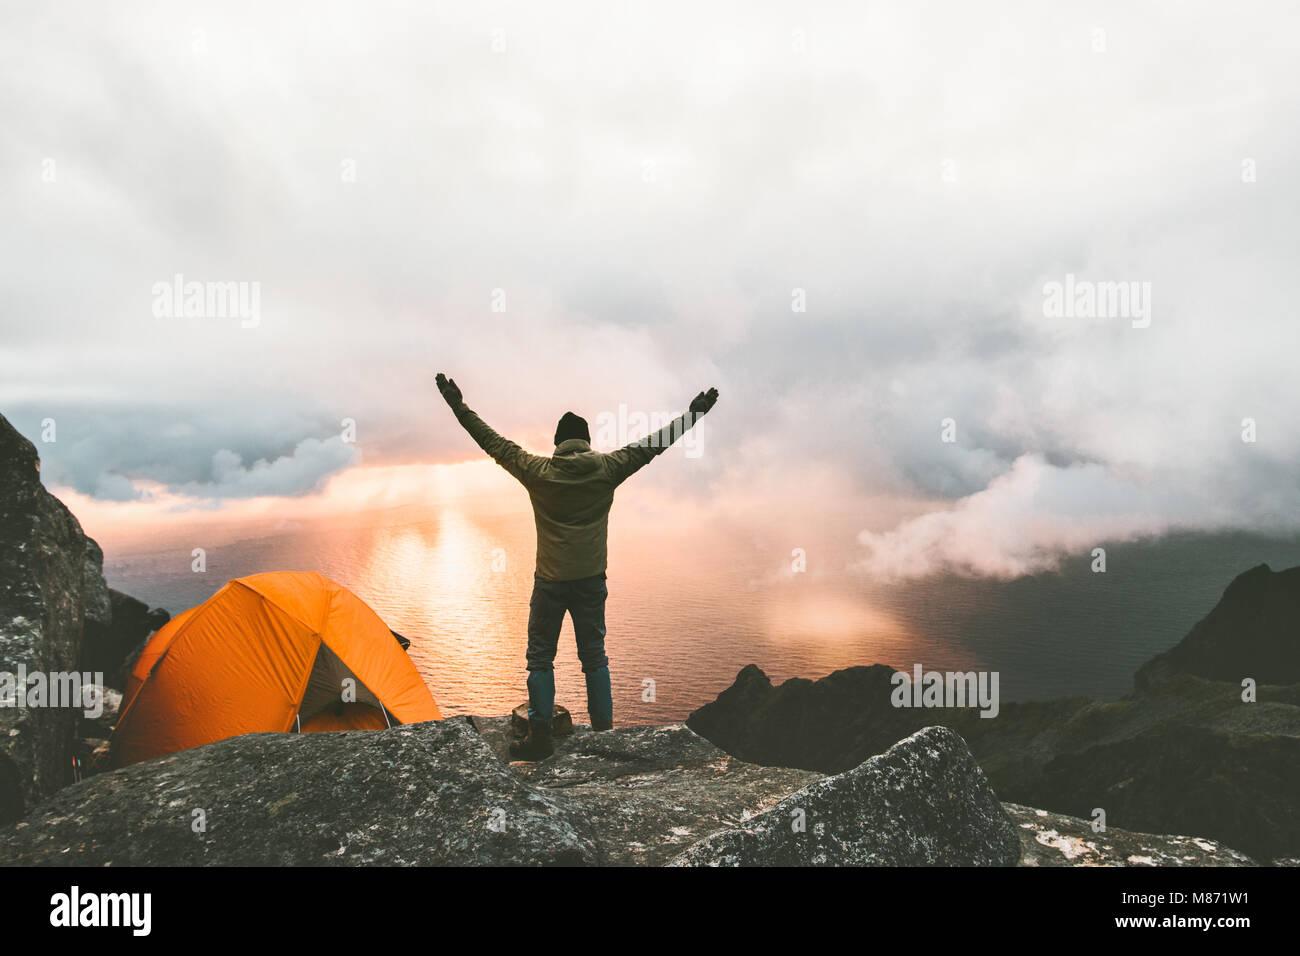 El hombre feliz viajero manos levantadas en la cima de una montaña cerca de acampar aventura outdoor lifestyle Imagen De Stock